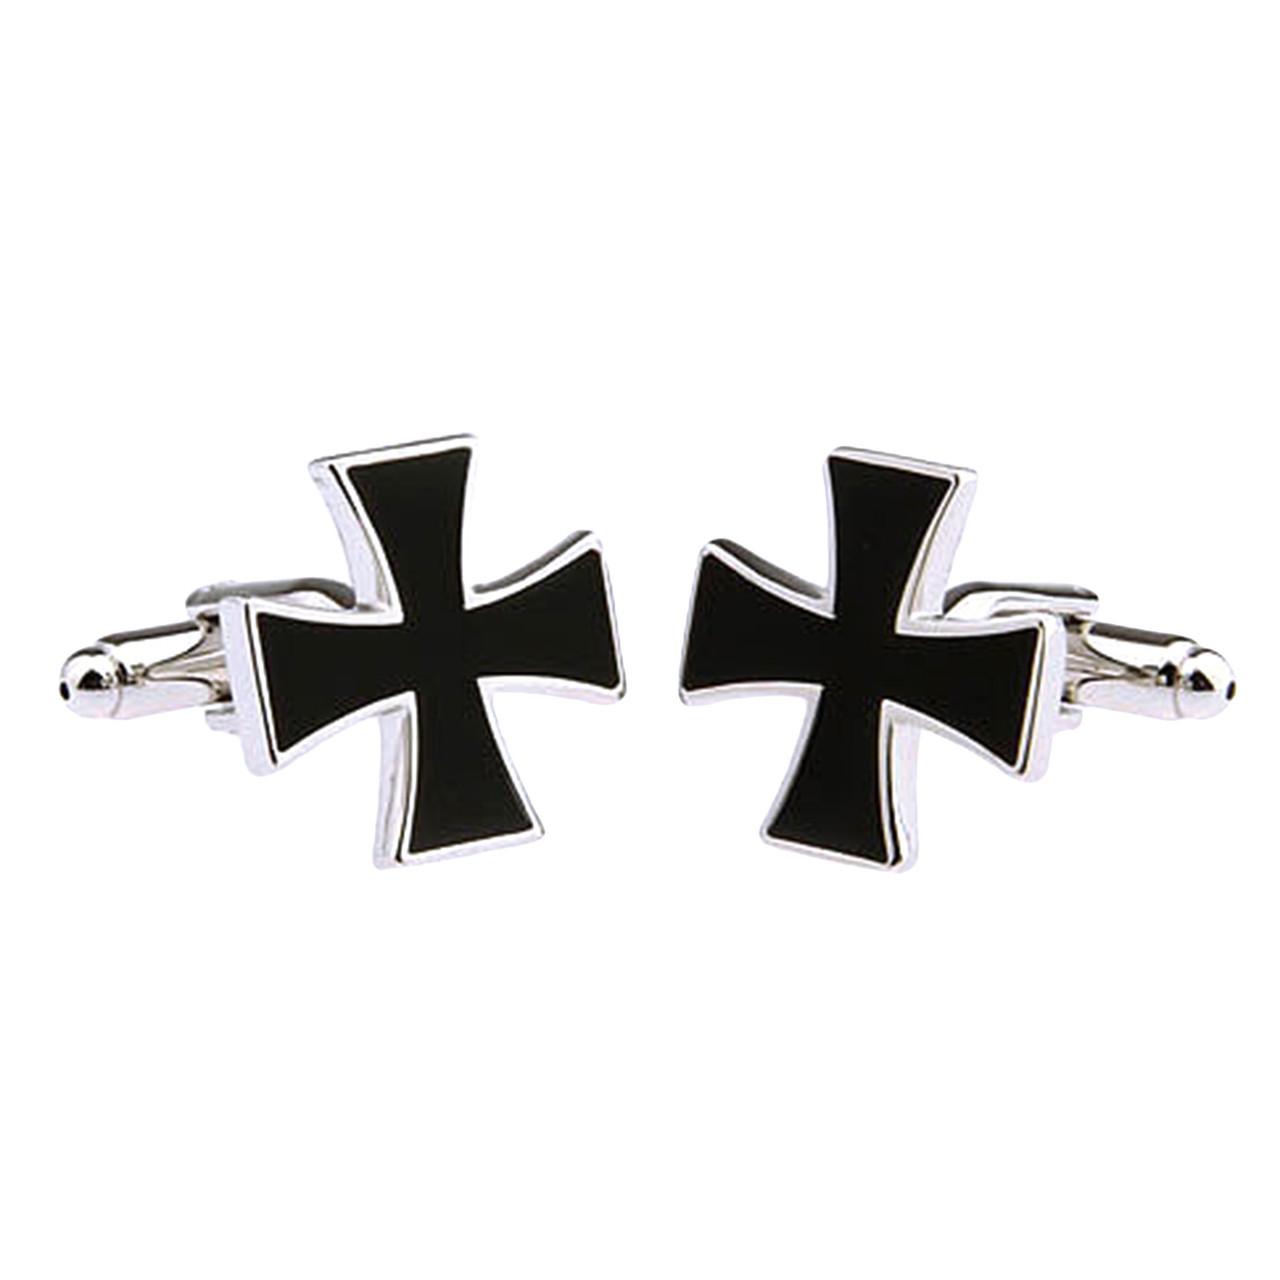 Для всех, кто заслужил Запонки Крест Наградной железный черный крест - Награди себя сам